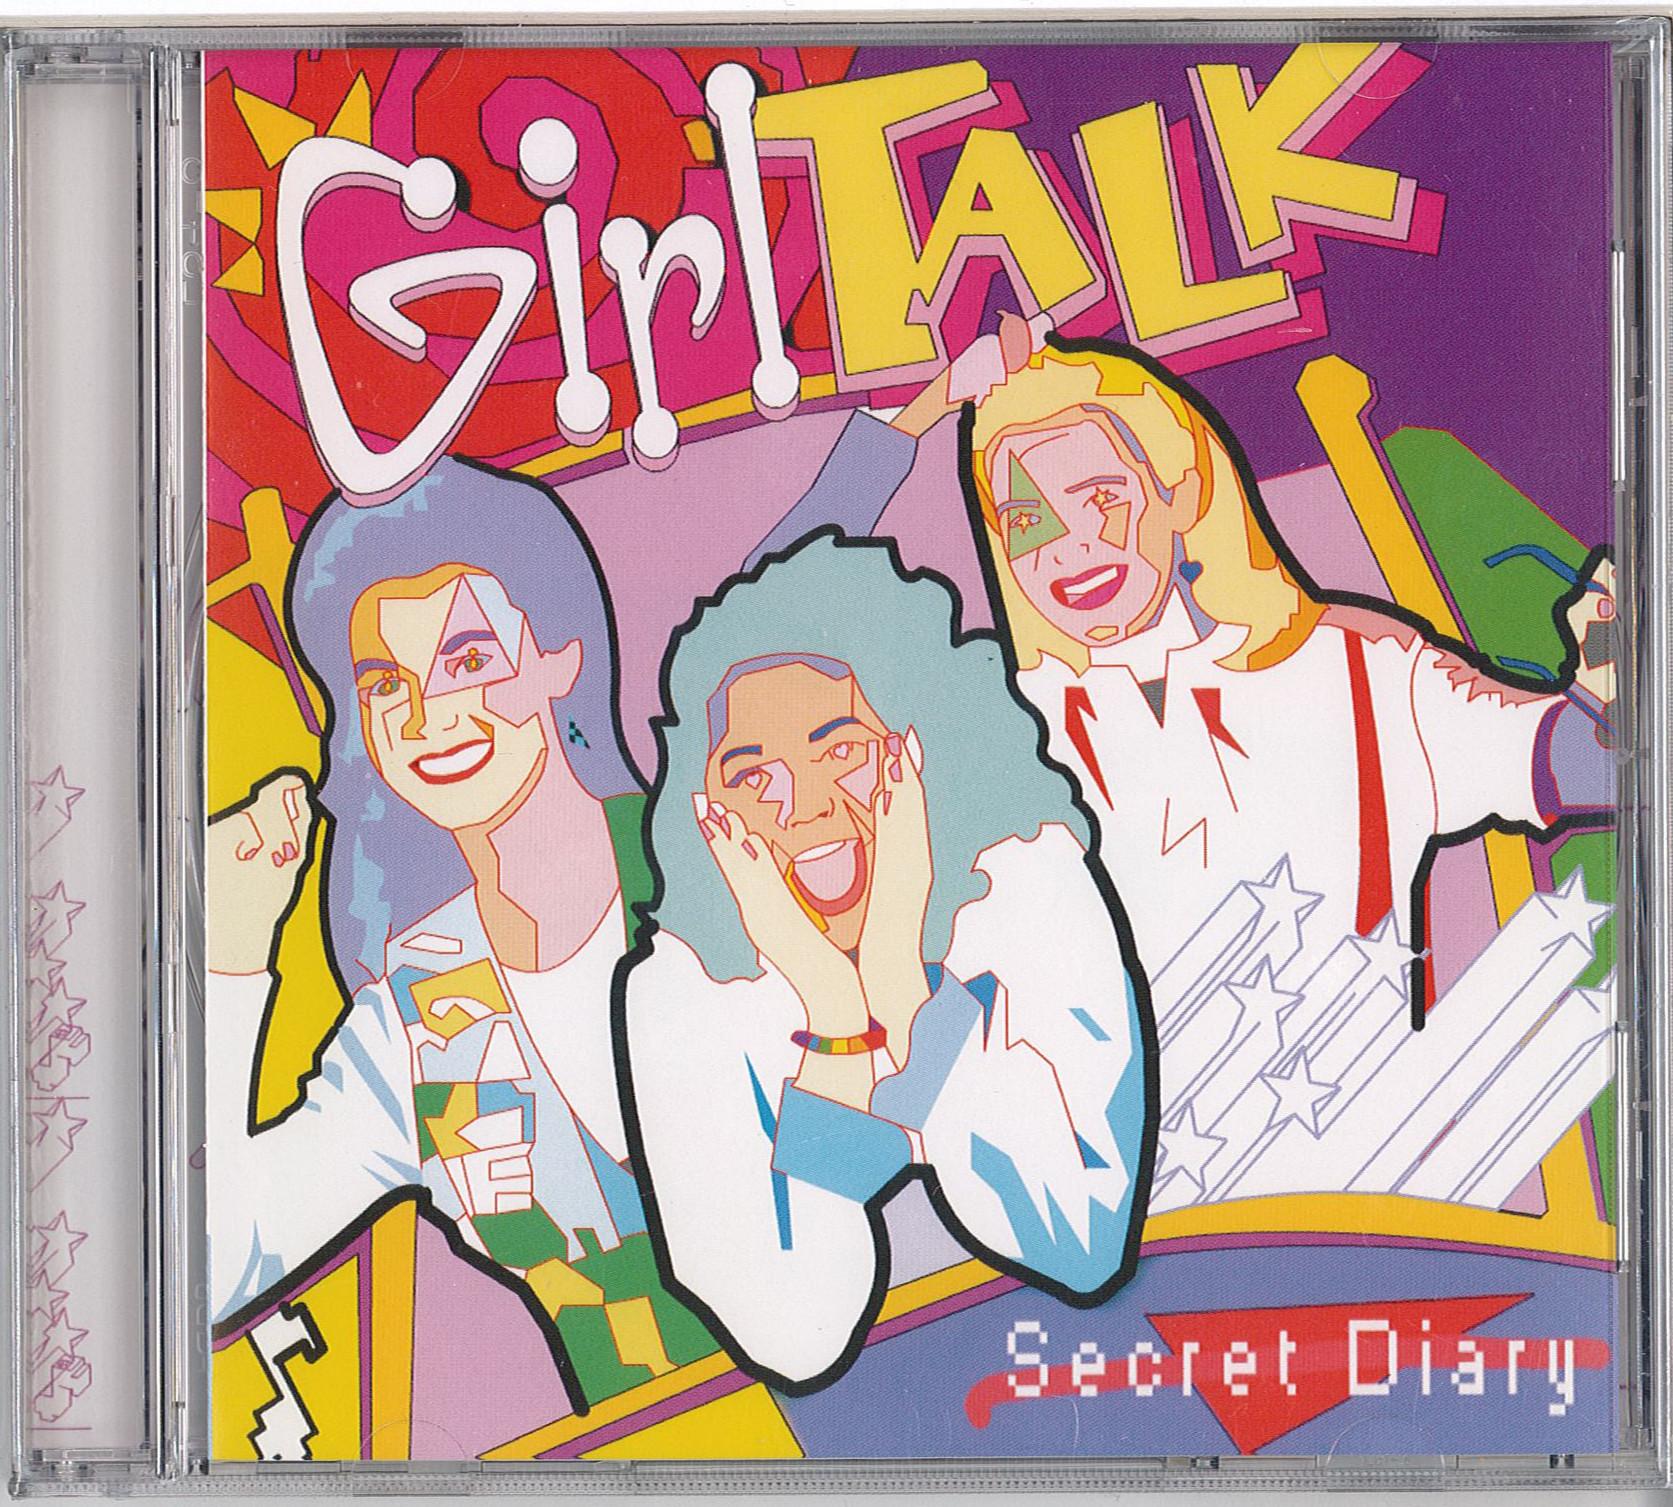 WLWLTDOO-2002-CD-GIRLTALK-DIARY-FRONT.jpg